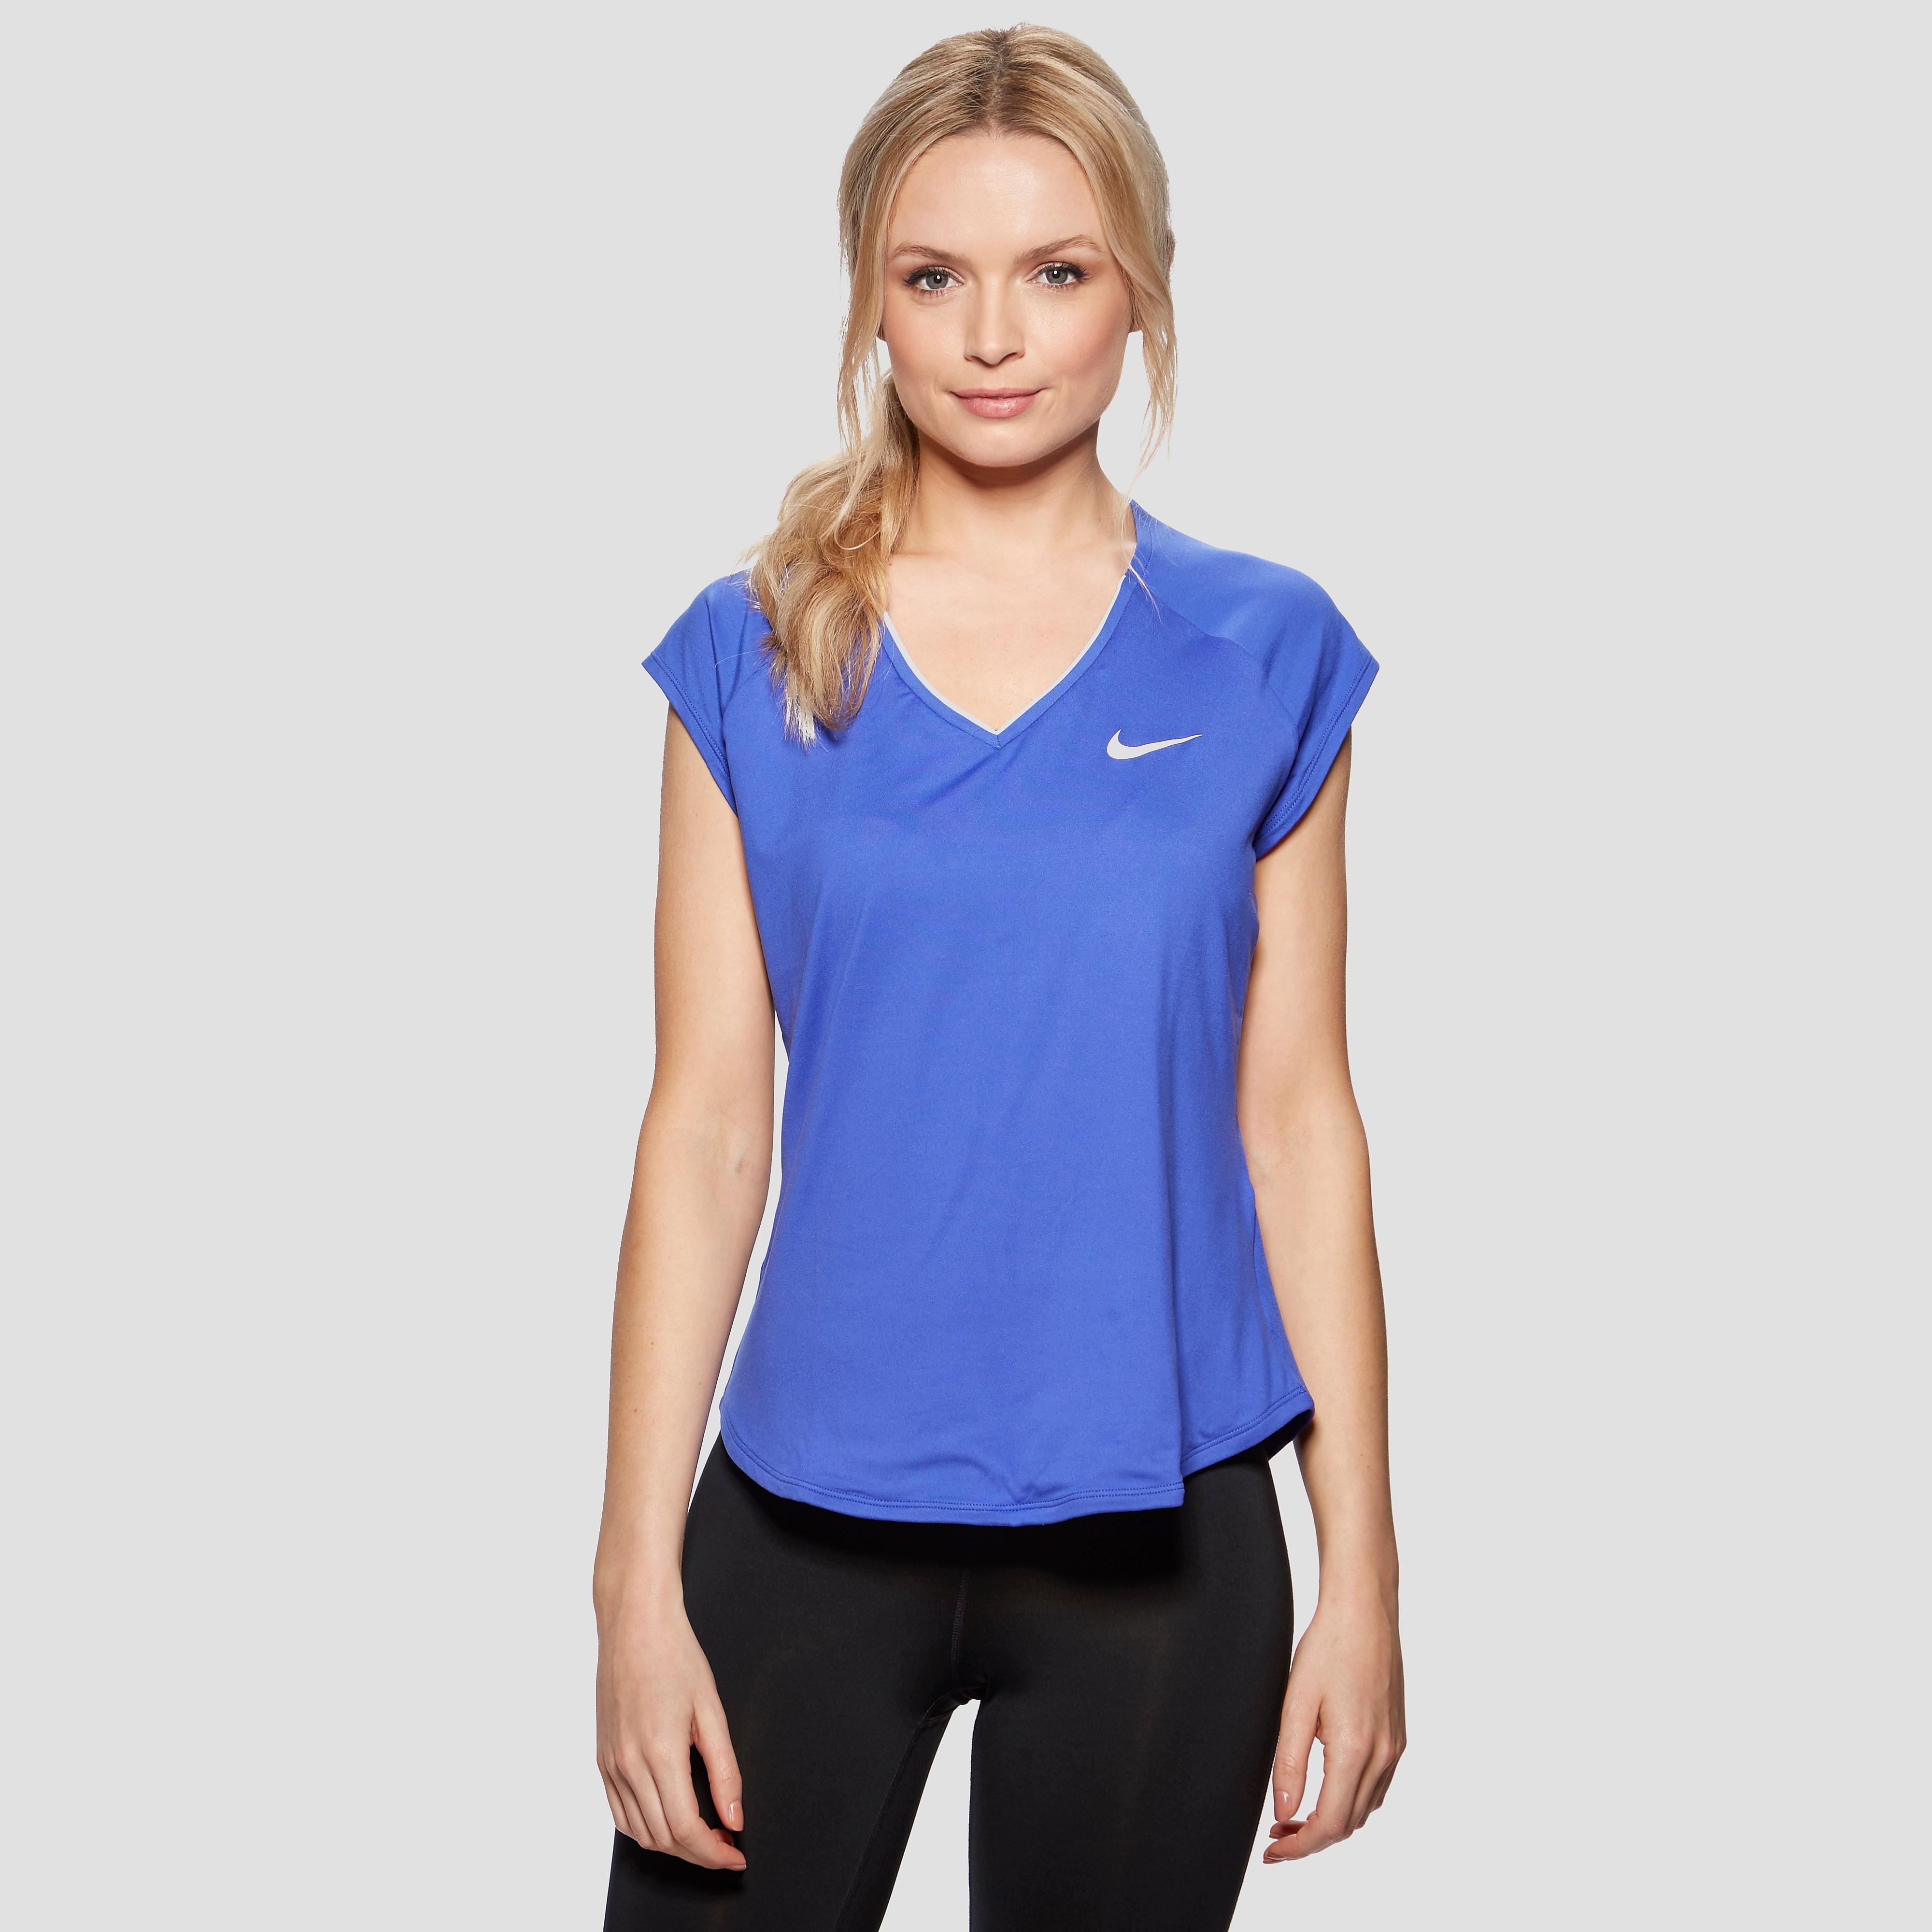 Nike Court Pure Women's Tennis Top